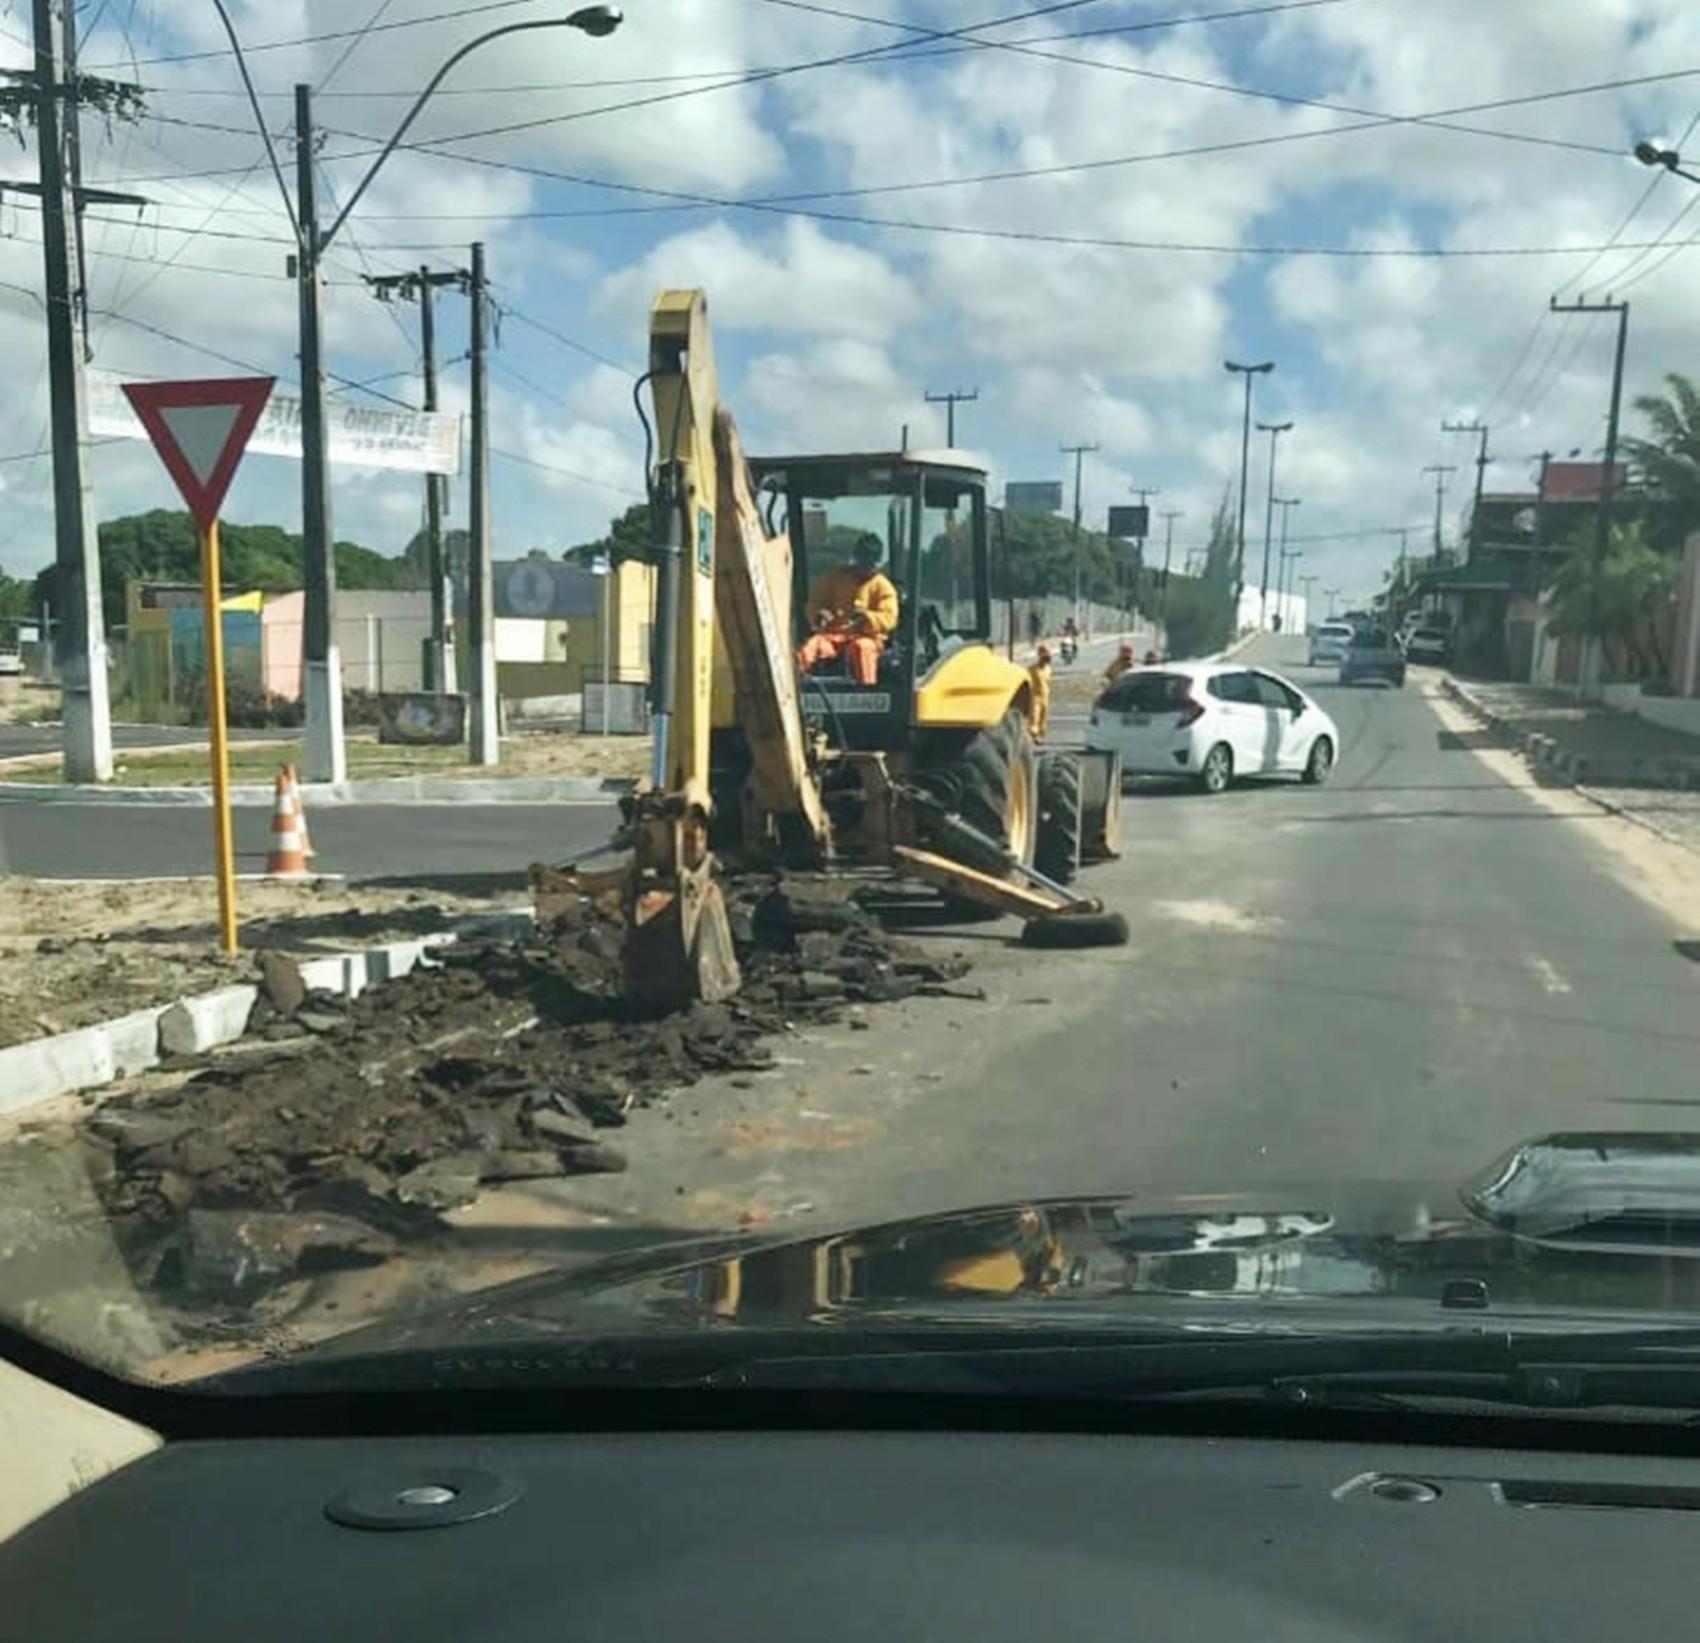 Em Nova Parnamirim, avenida Ayrton Senna tem intervenções para obras de abastecimento e esgotamento da Caern